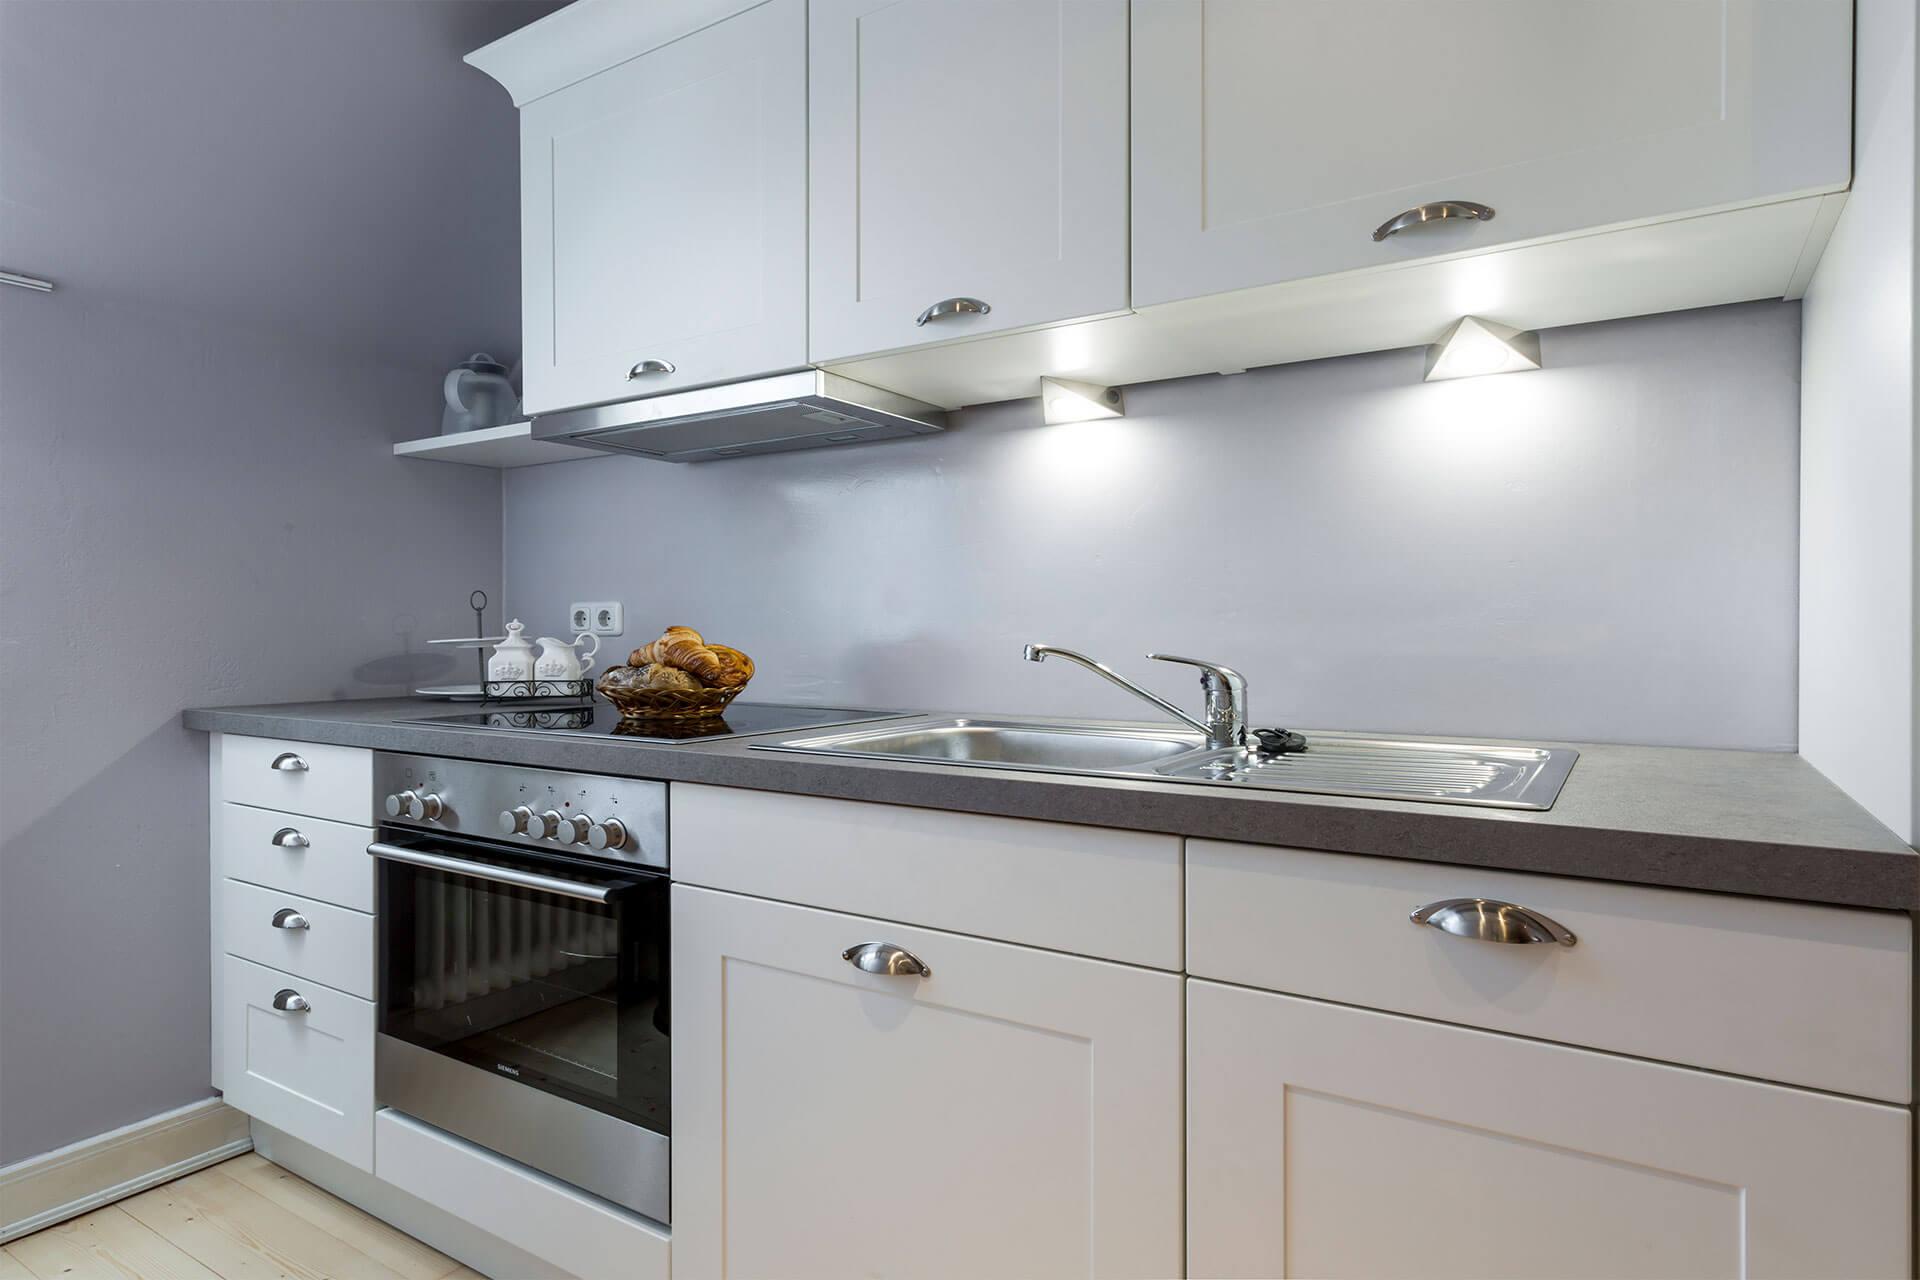 Eine weiße Landhausküche mit Ofen, Herd, Geschirrspüler